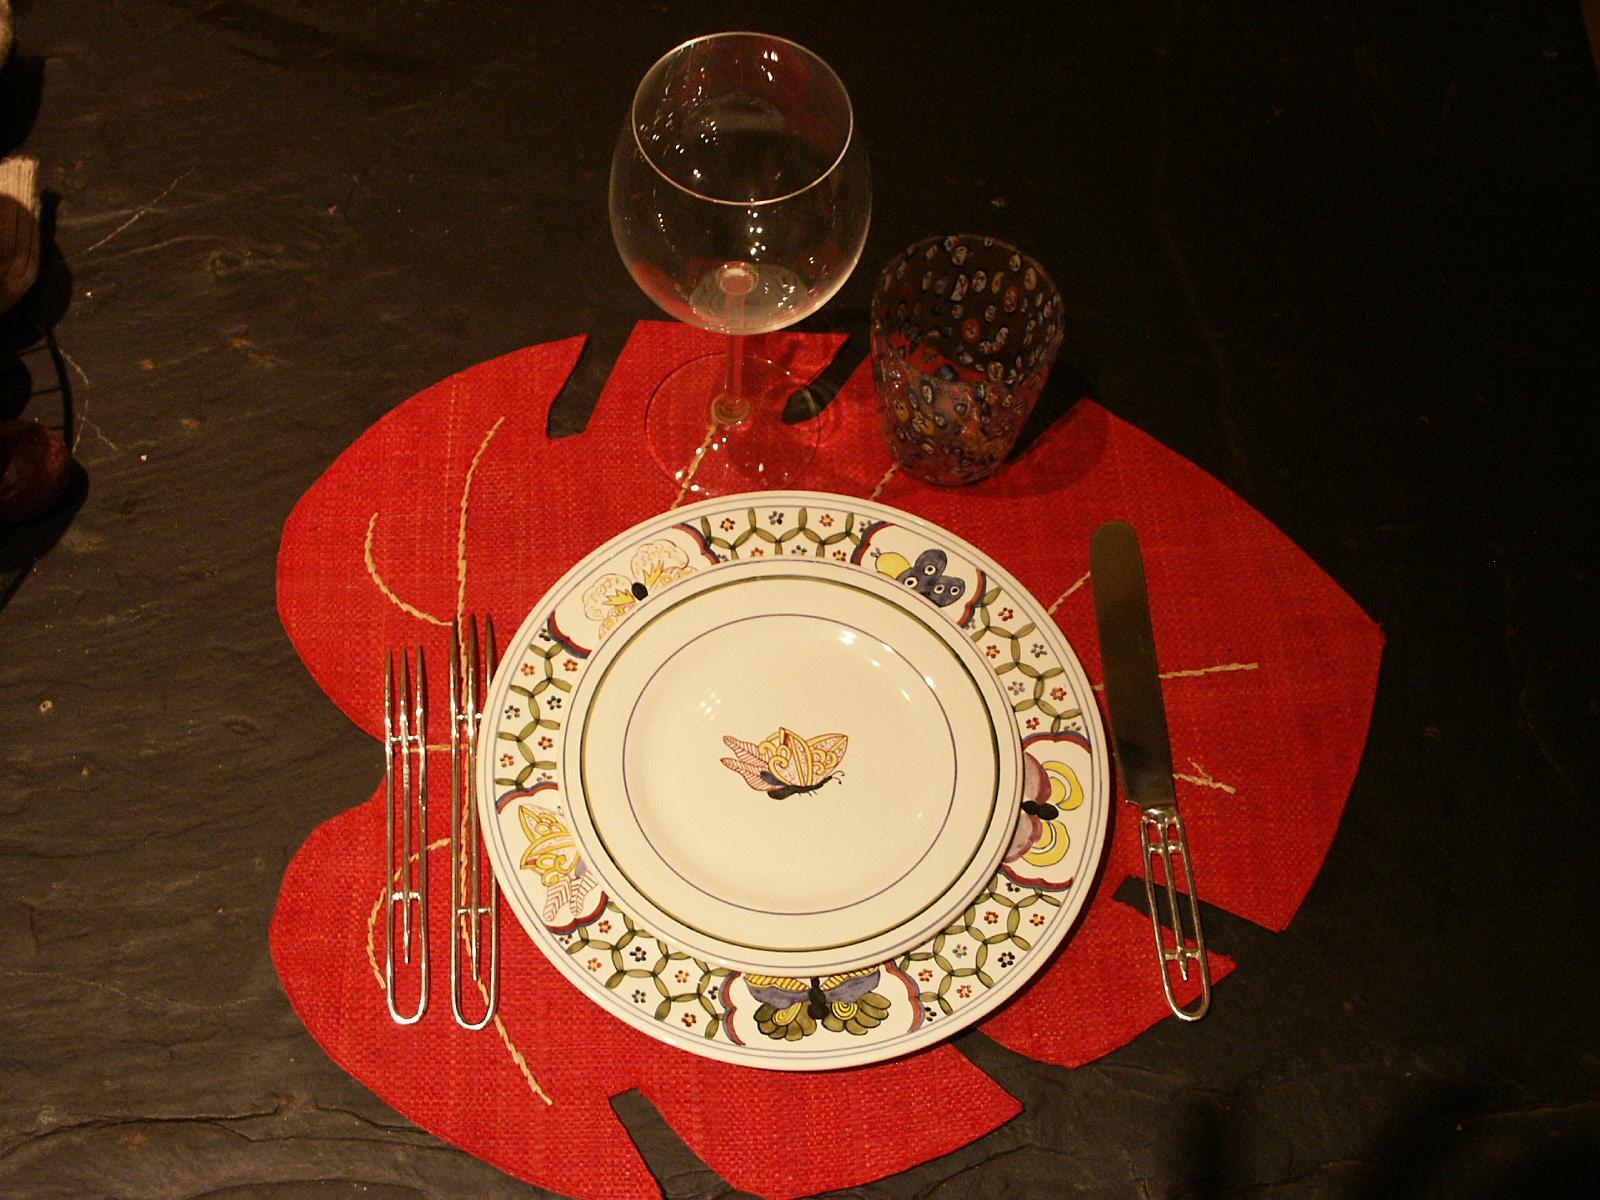 Couverts si cle paris - Ordre des verres sur la table ...